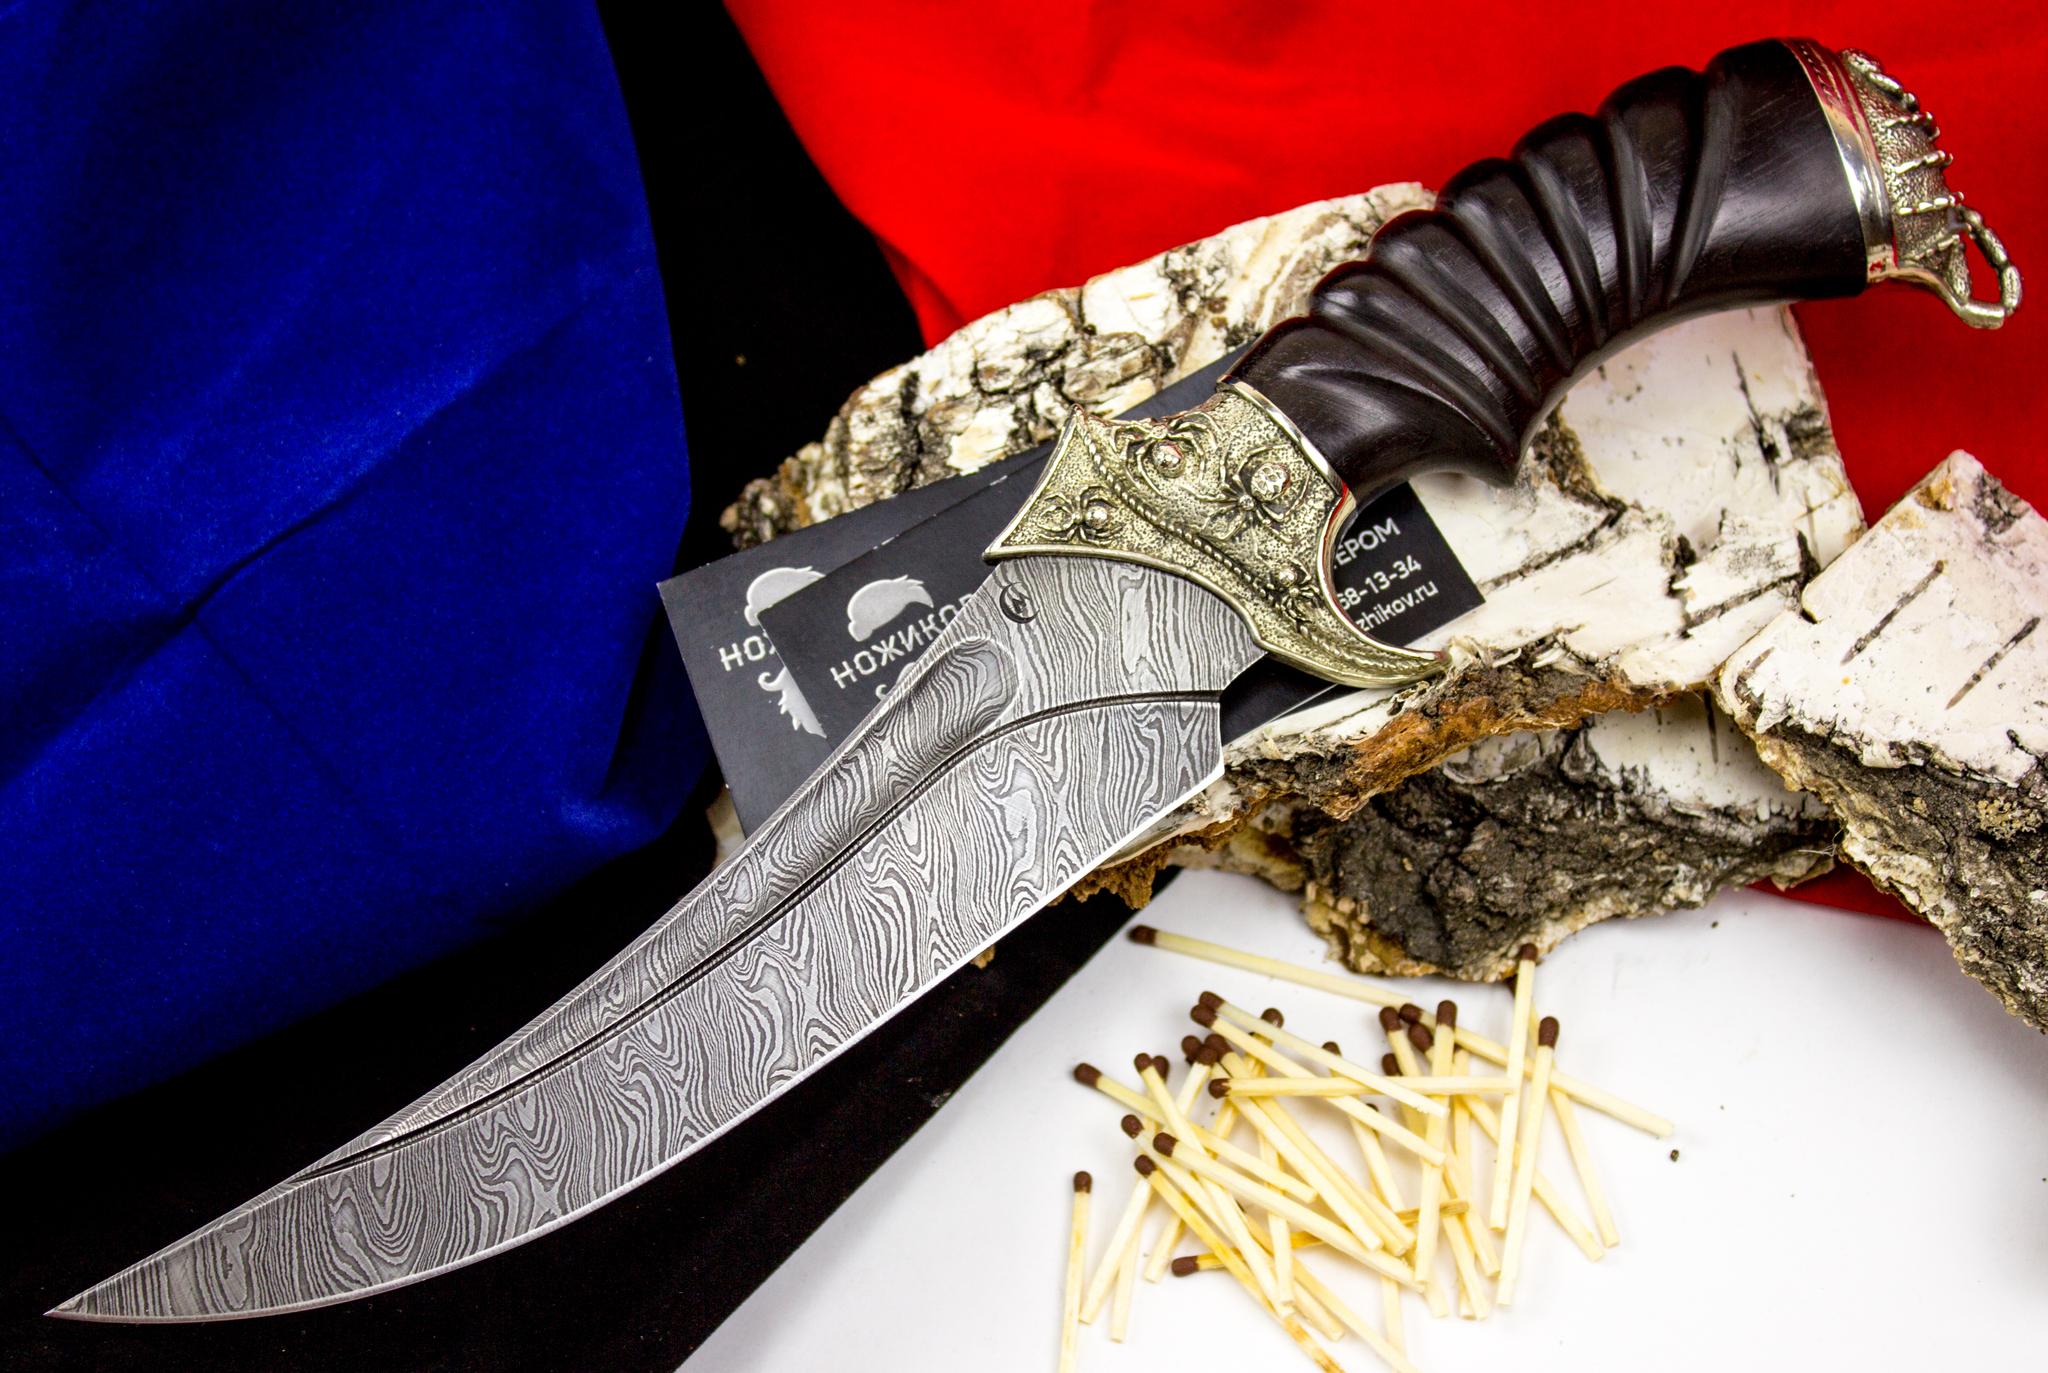 Нож Корсар с резной рукоятью , дамасская стальКузница Семина<br>Отличие этой модели ножа от остальных в серии «Корсар» - оформление. Как и остальные экземпляры клинков, представляющих данную серию, она заставляет вспомнить о море и пиратских саблях. Времена меняются, а ценность качественных режущих инструментов не уменьшается, скорее, даже увеличивается. Редкие старые клинки выдержат столкновение с дамасской сталью, из свойств которой проистекают уникальные характеристики ножа «Корсар» - прочность, гибкость и долго сохраняемая острота. Нож «Корсар» отличается повышенным обухом, и этот параметр исключает его из категории холодного оружия. Рукоять изготовлена из ценных, обработанных влагостойким составом пород дерева, имеется удобная подпальцевая выемка. Материал ограничителя гарды и тыльника – мельхиор, декорированный узорным литьем особой формы.<br>